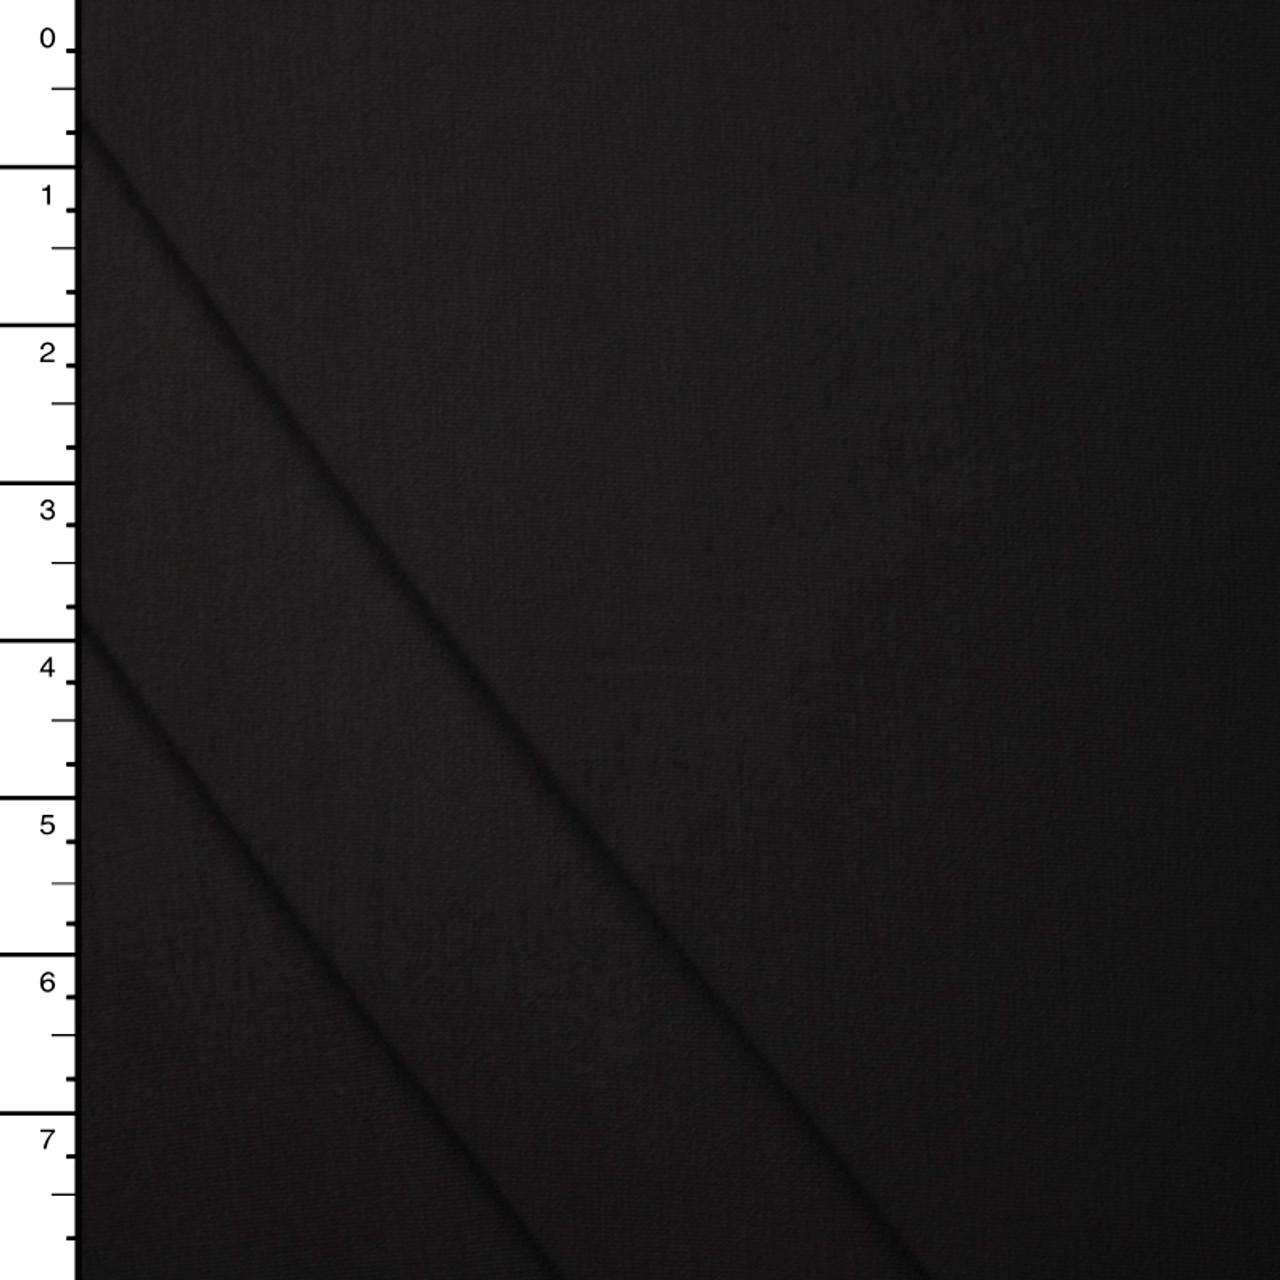 e538fd1db11 Cali Fabrics Black Organic Cotton/Bamboo Stretch Jersey Knit Fabric ...